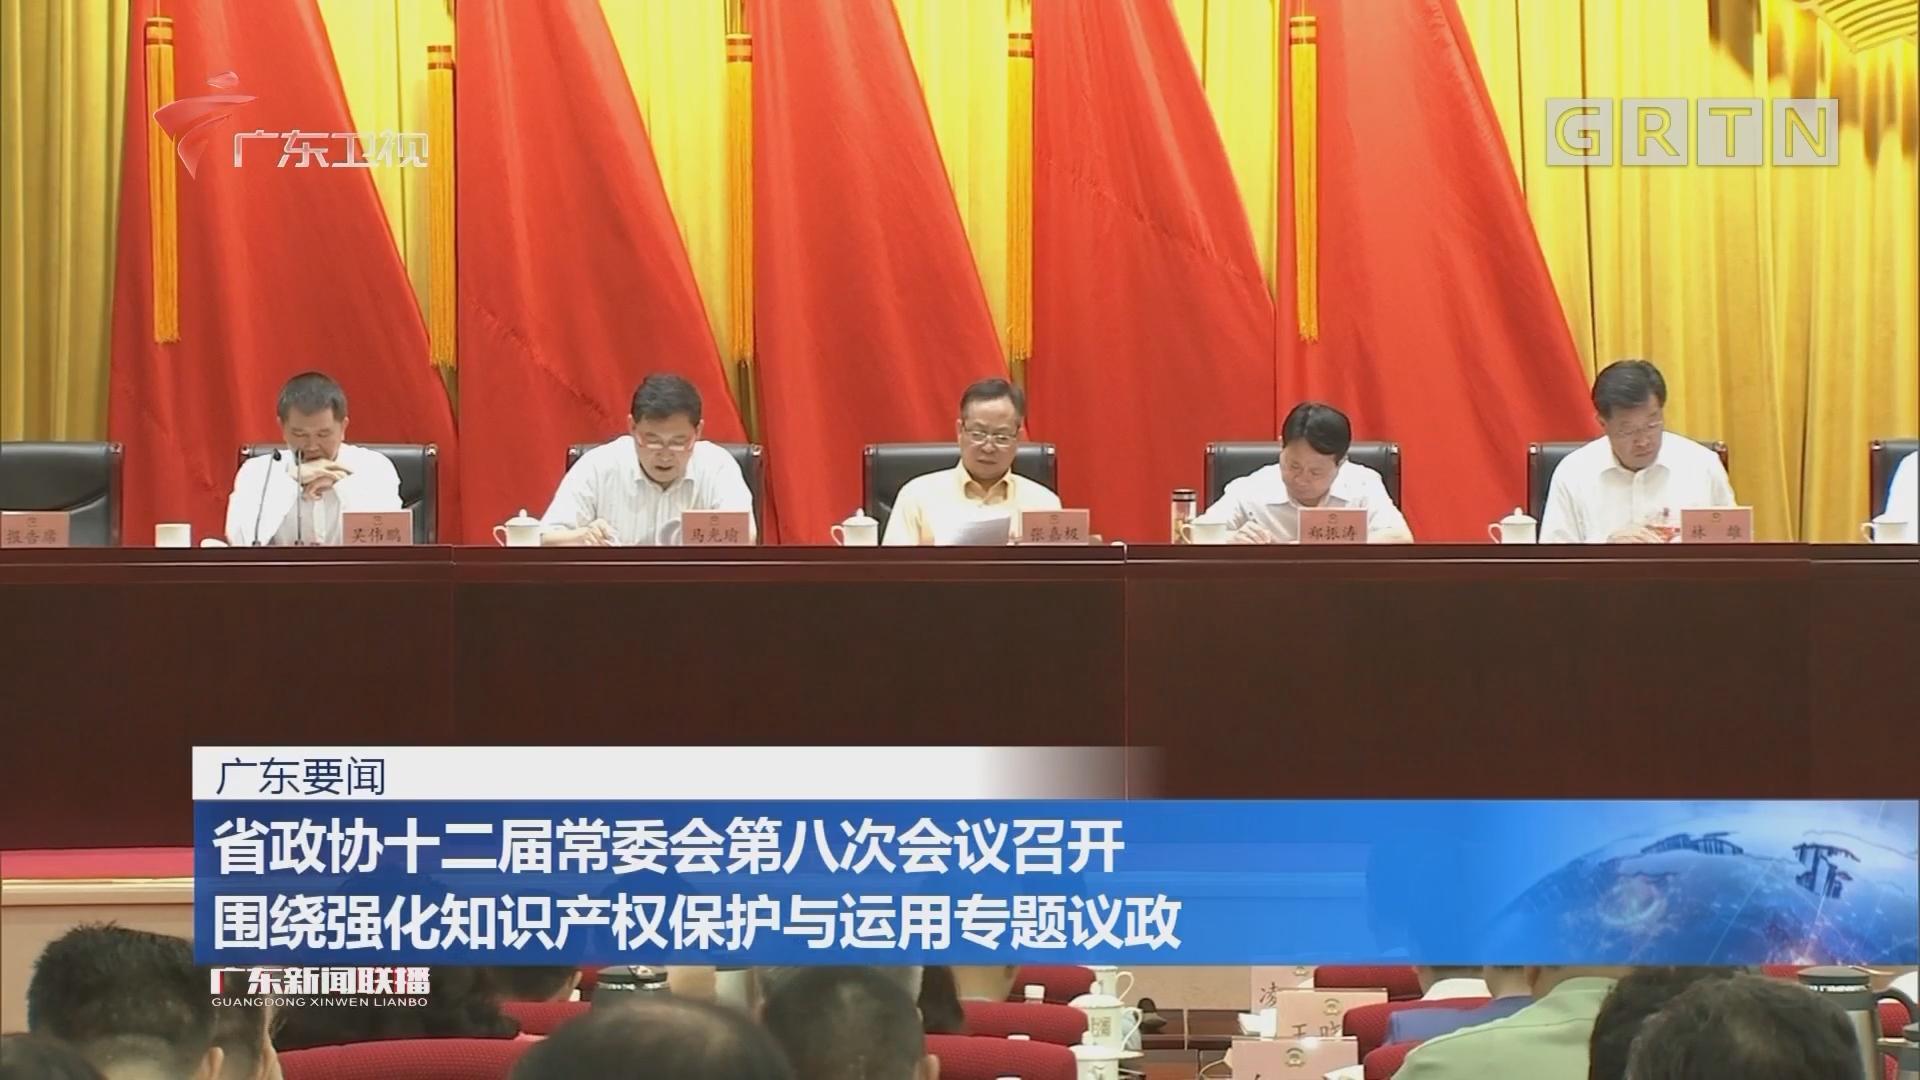 省政协十二届常委会第八次会议召开 围绕强化知识产权保护与运用专题议政